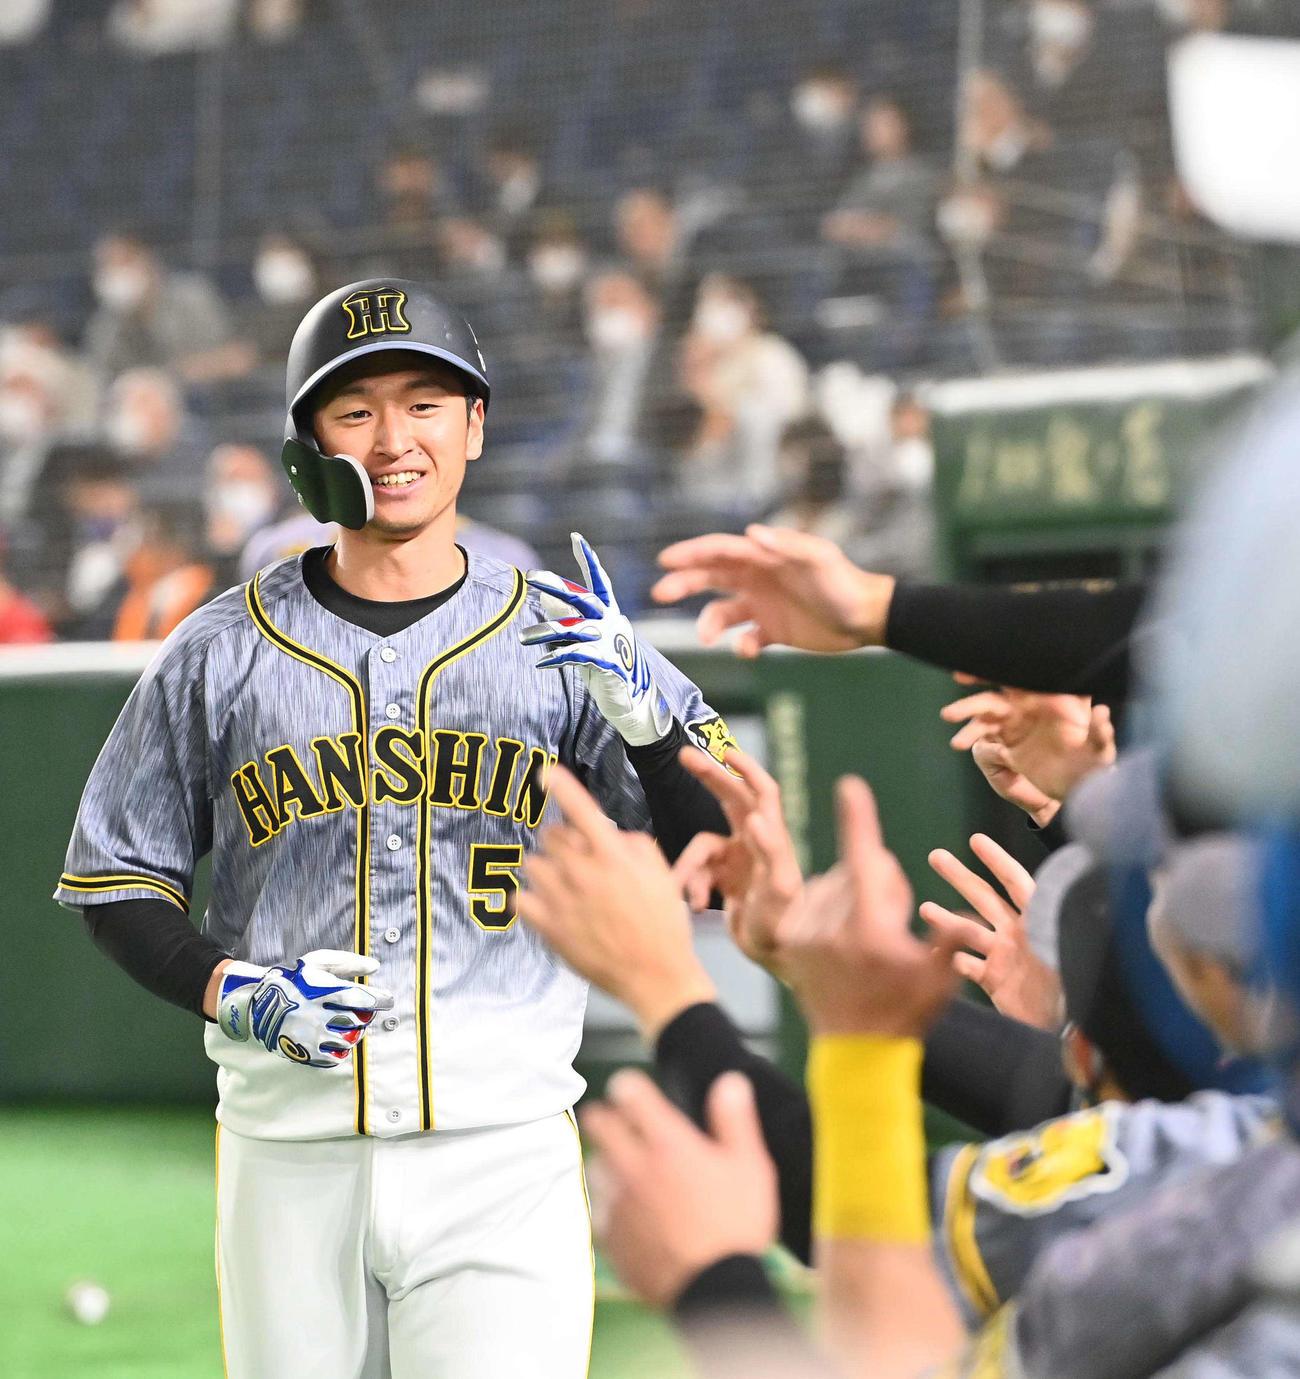 巨人対阪神 1回表阪神無死、右越えに先頭打者本塁打を放ちナインの出迎えに笑顔を見せる近本(撮影・上田博志)